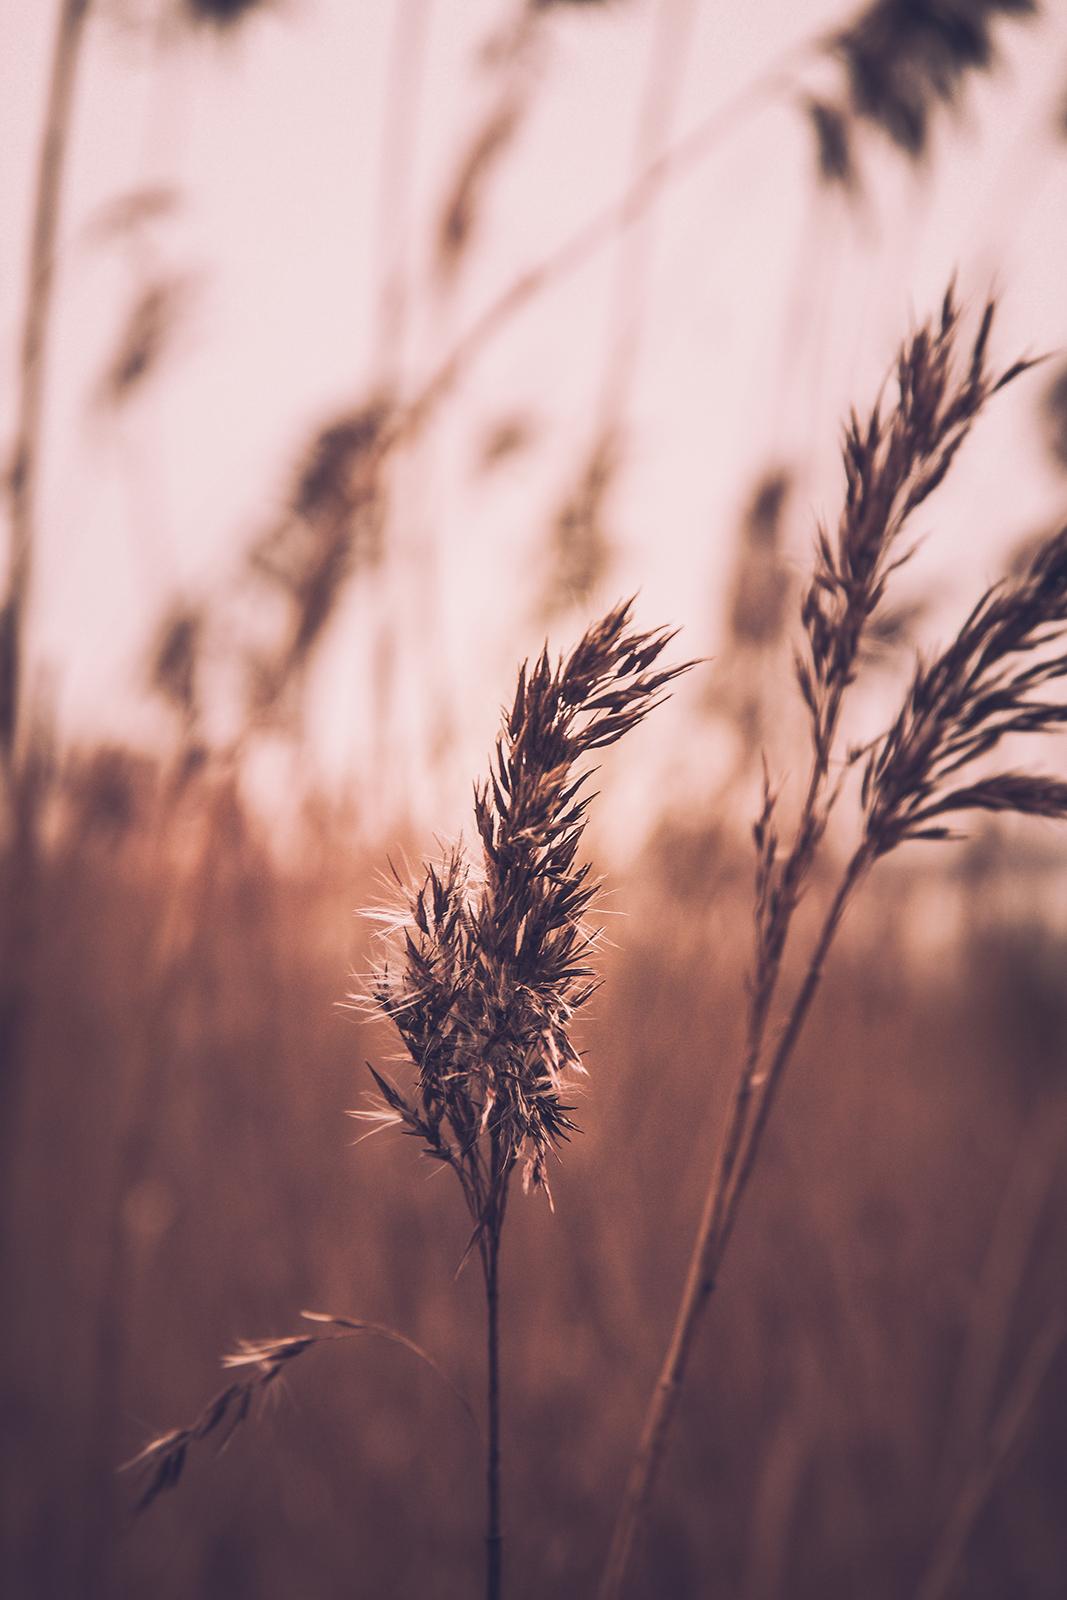 La transformation du blé à travers le temps